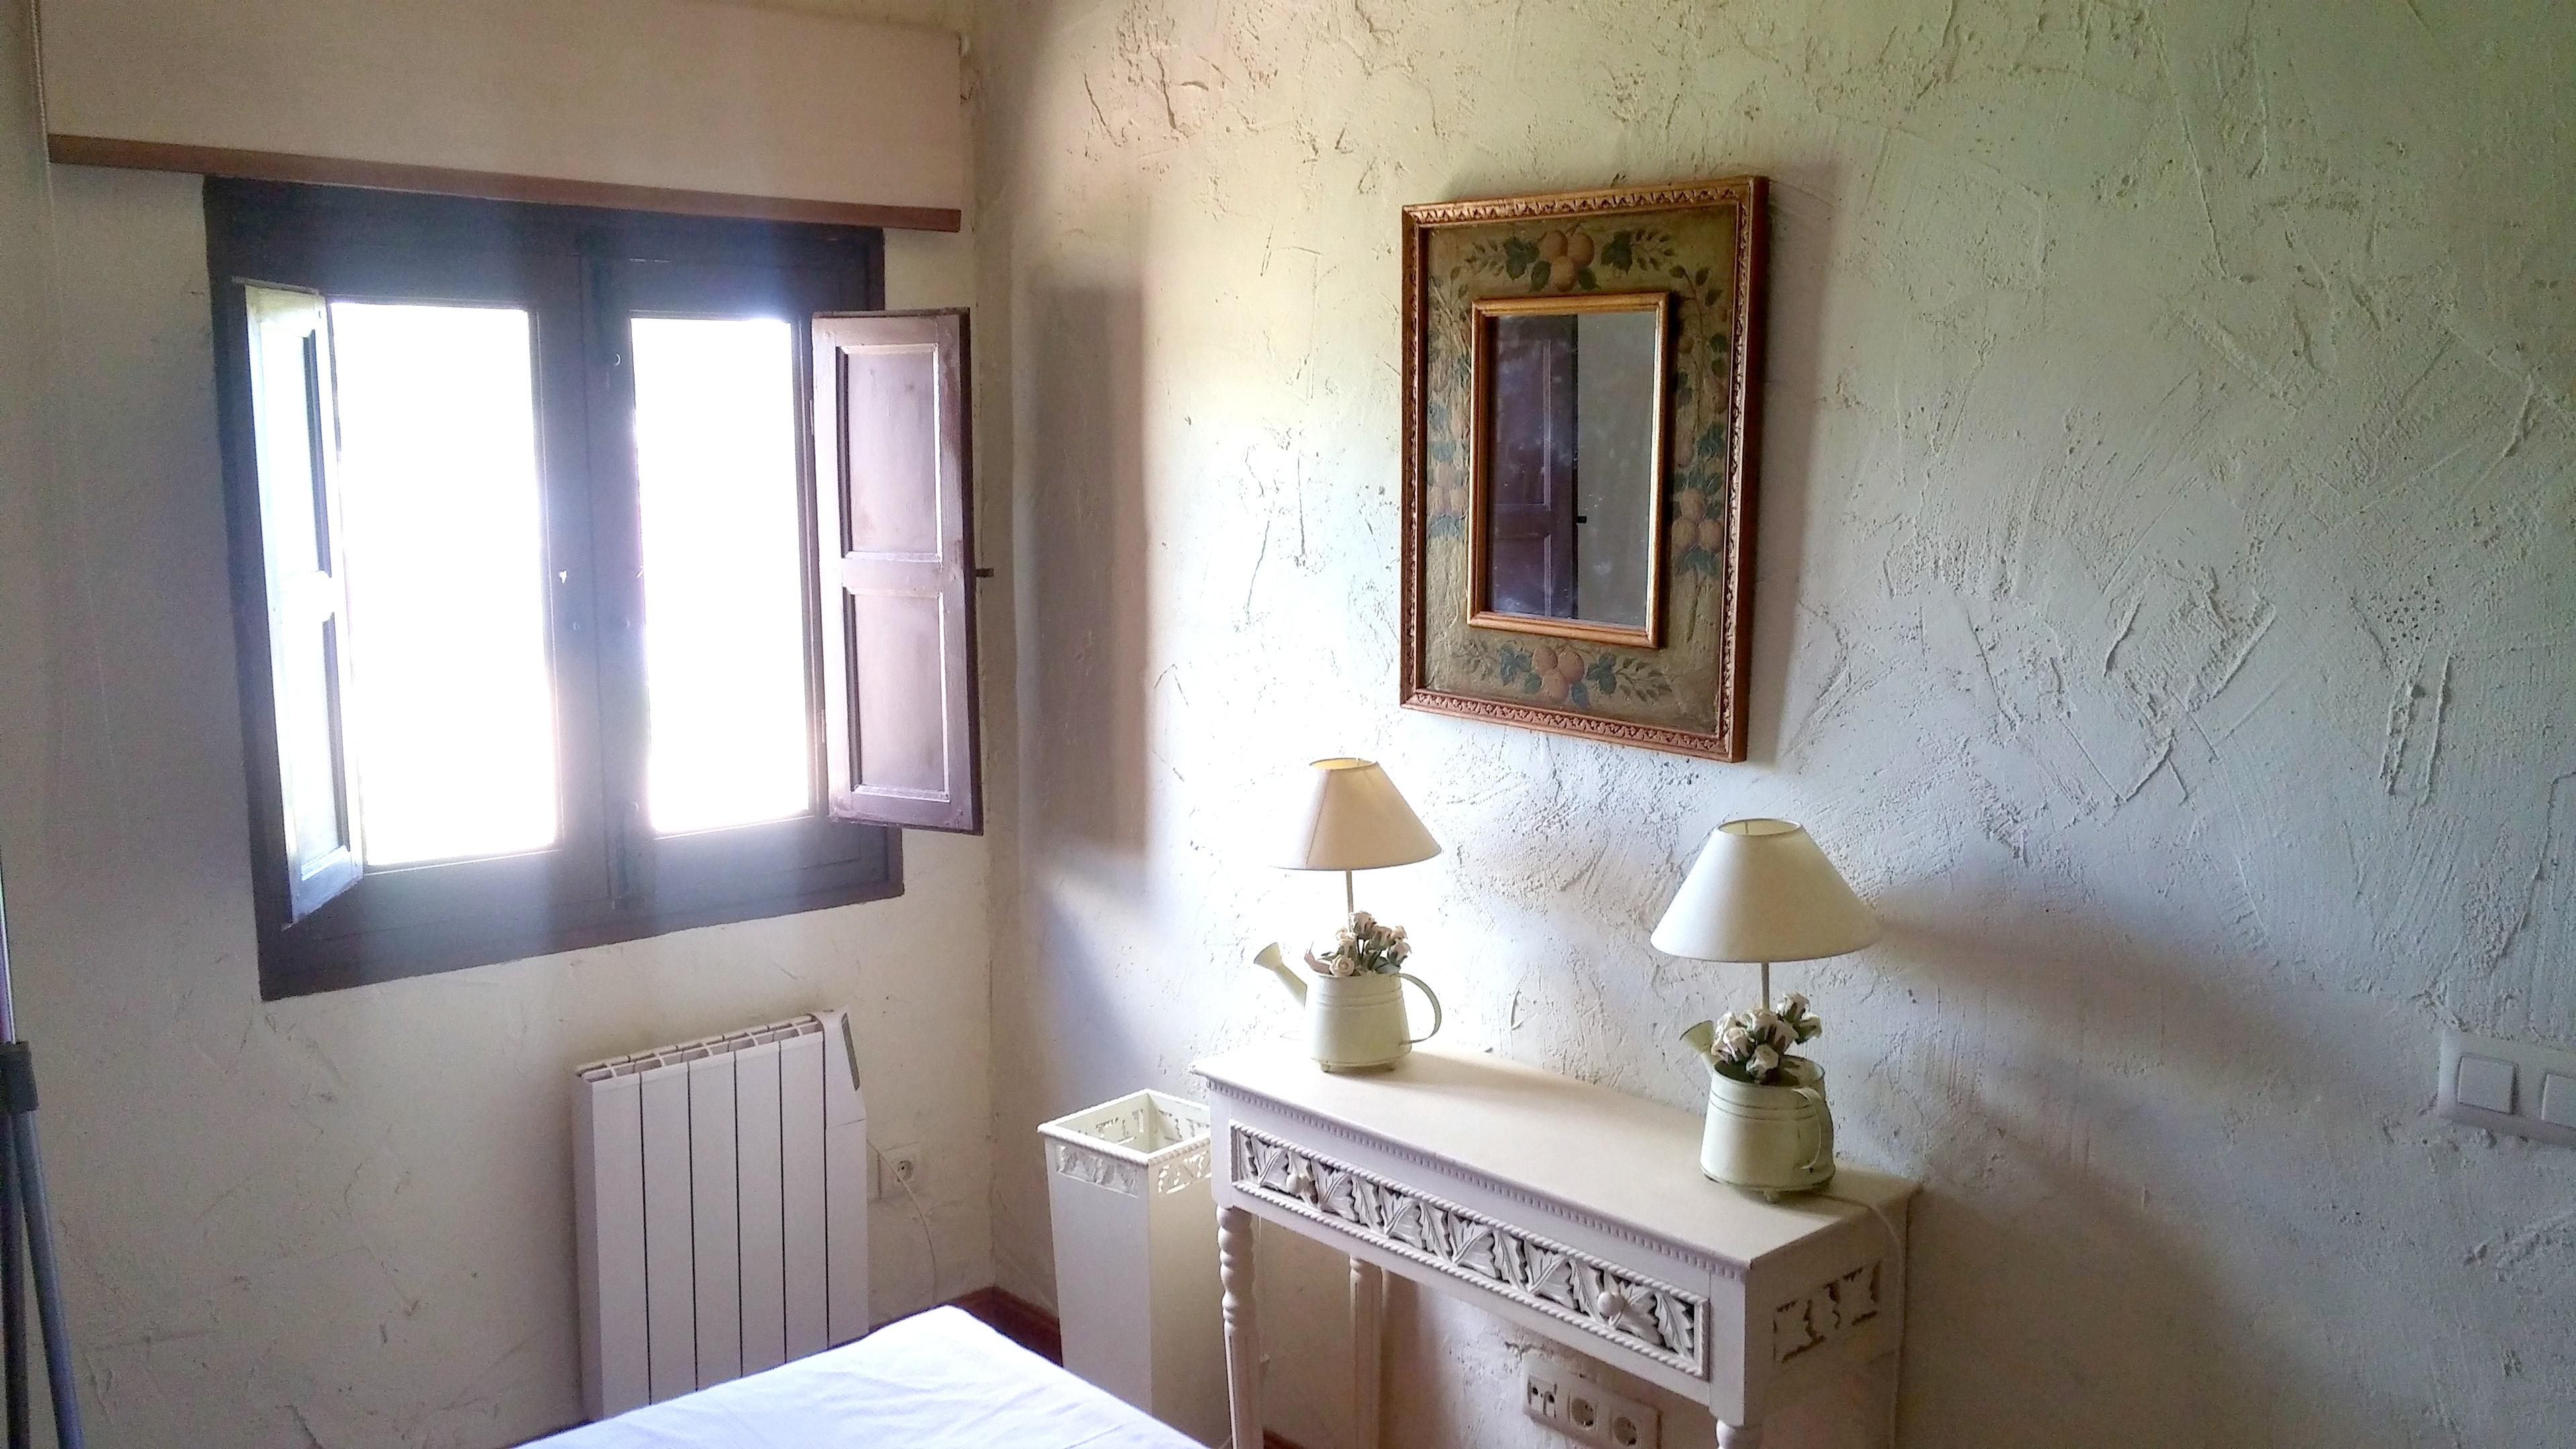 Ferienhaus Haus mit 2 Schlafzimmern in Bernuy mit möbliertem Garten (2202172), Bernuy, Toledo, Kastilien-La Mancha, Spanien, Bild 16